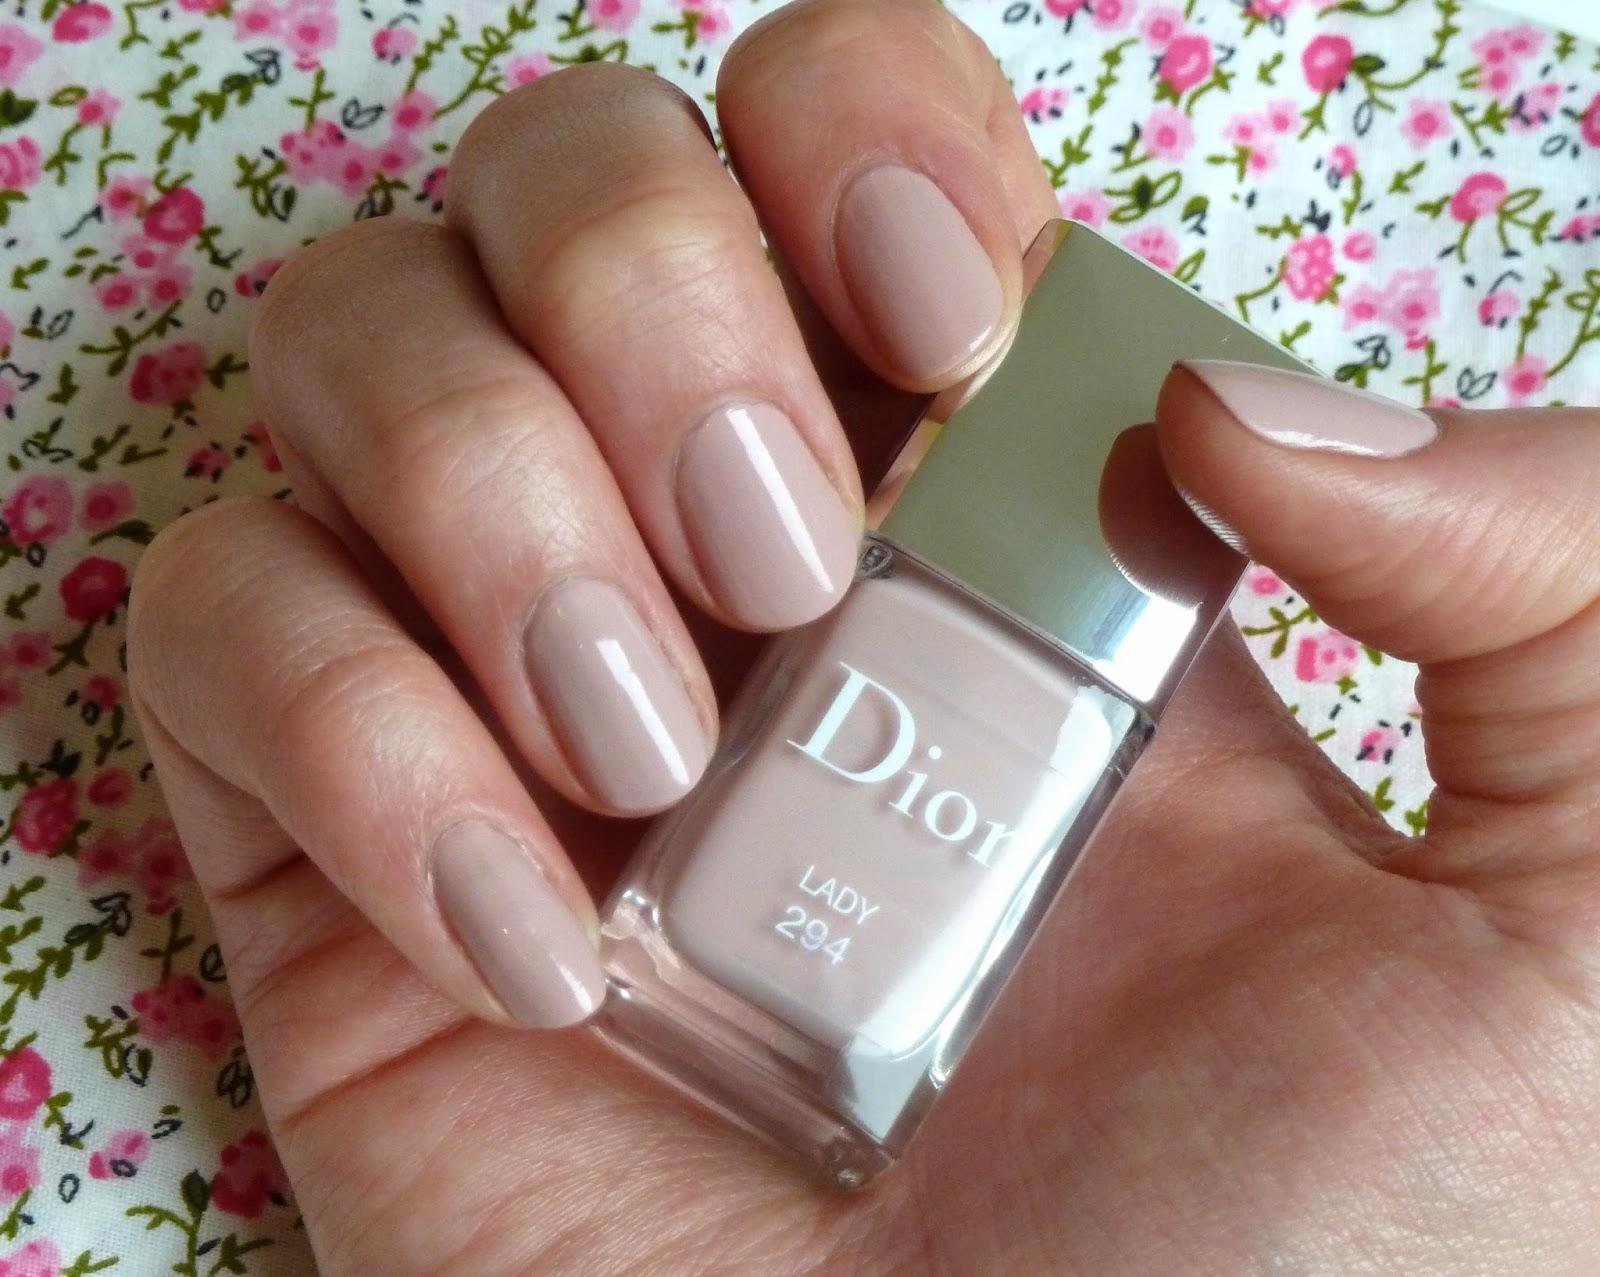 Super Aventures d'une bruxelloise : Le vernis Lady de Dior - le nude  JK12